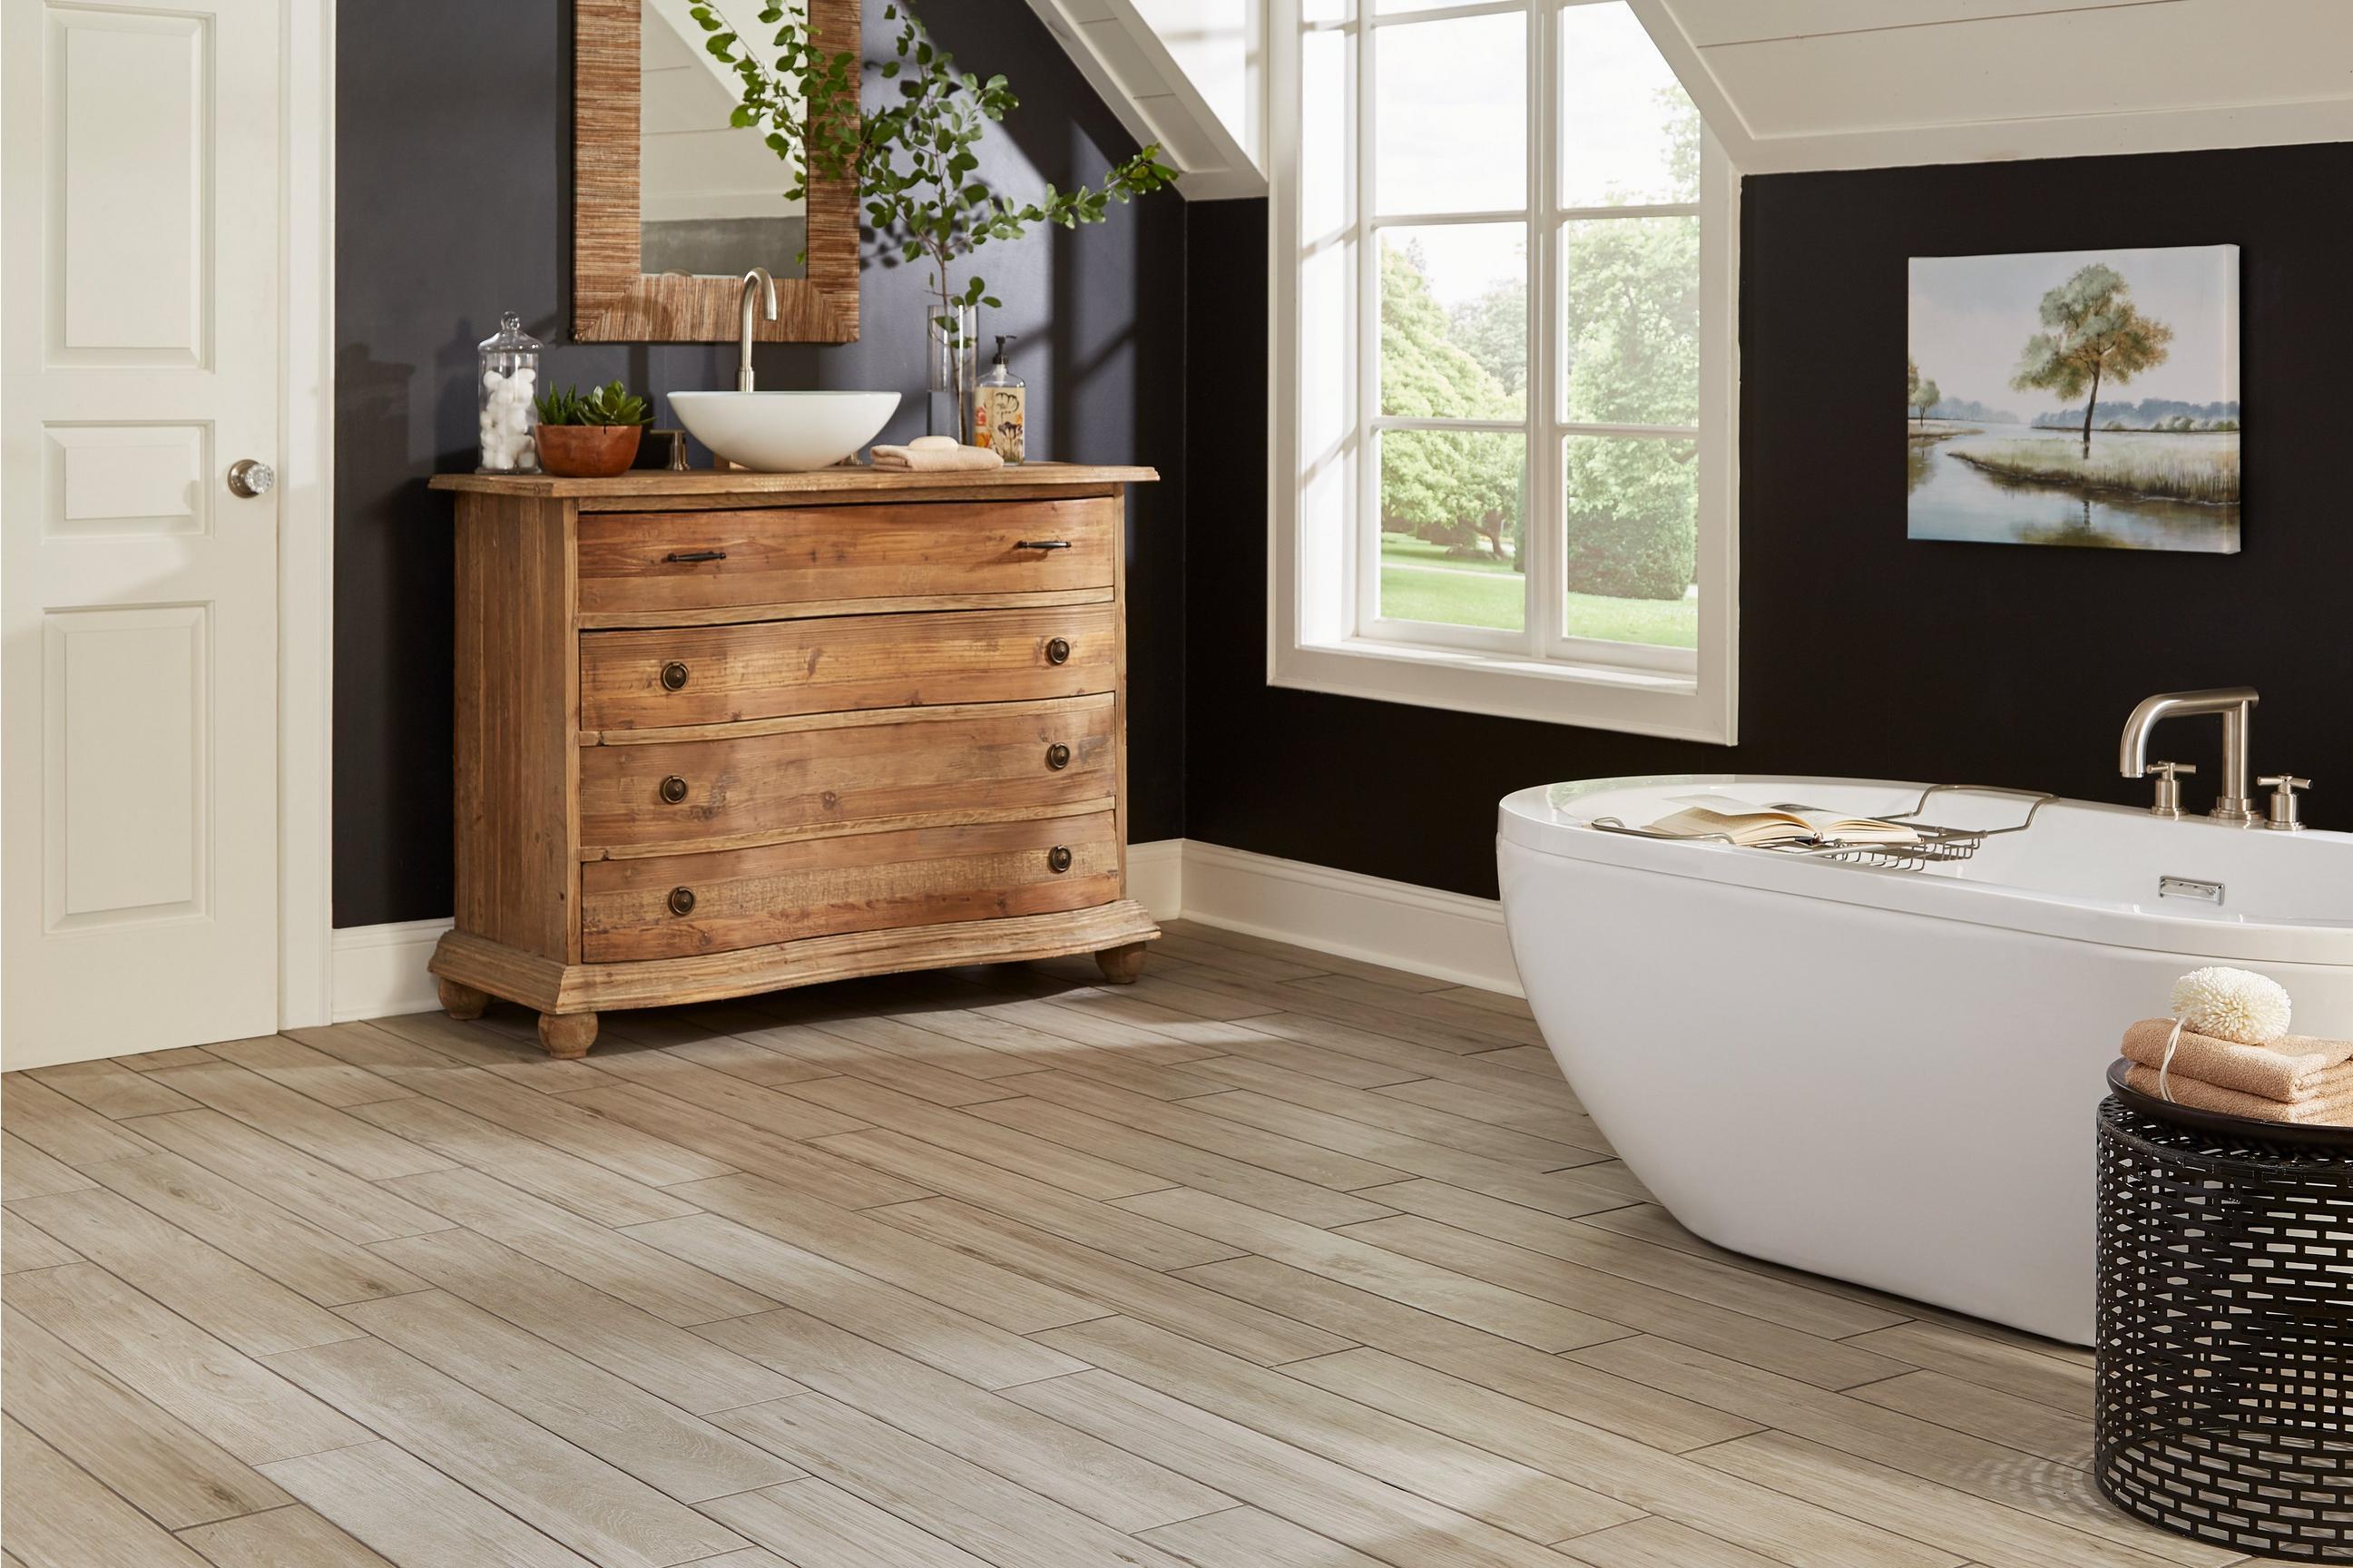 Piso para banheiro: conforto madeira